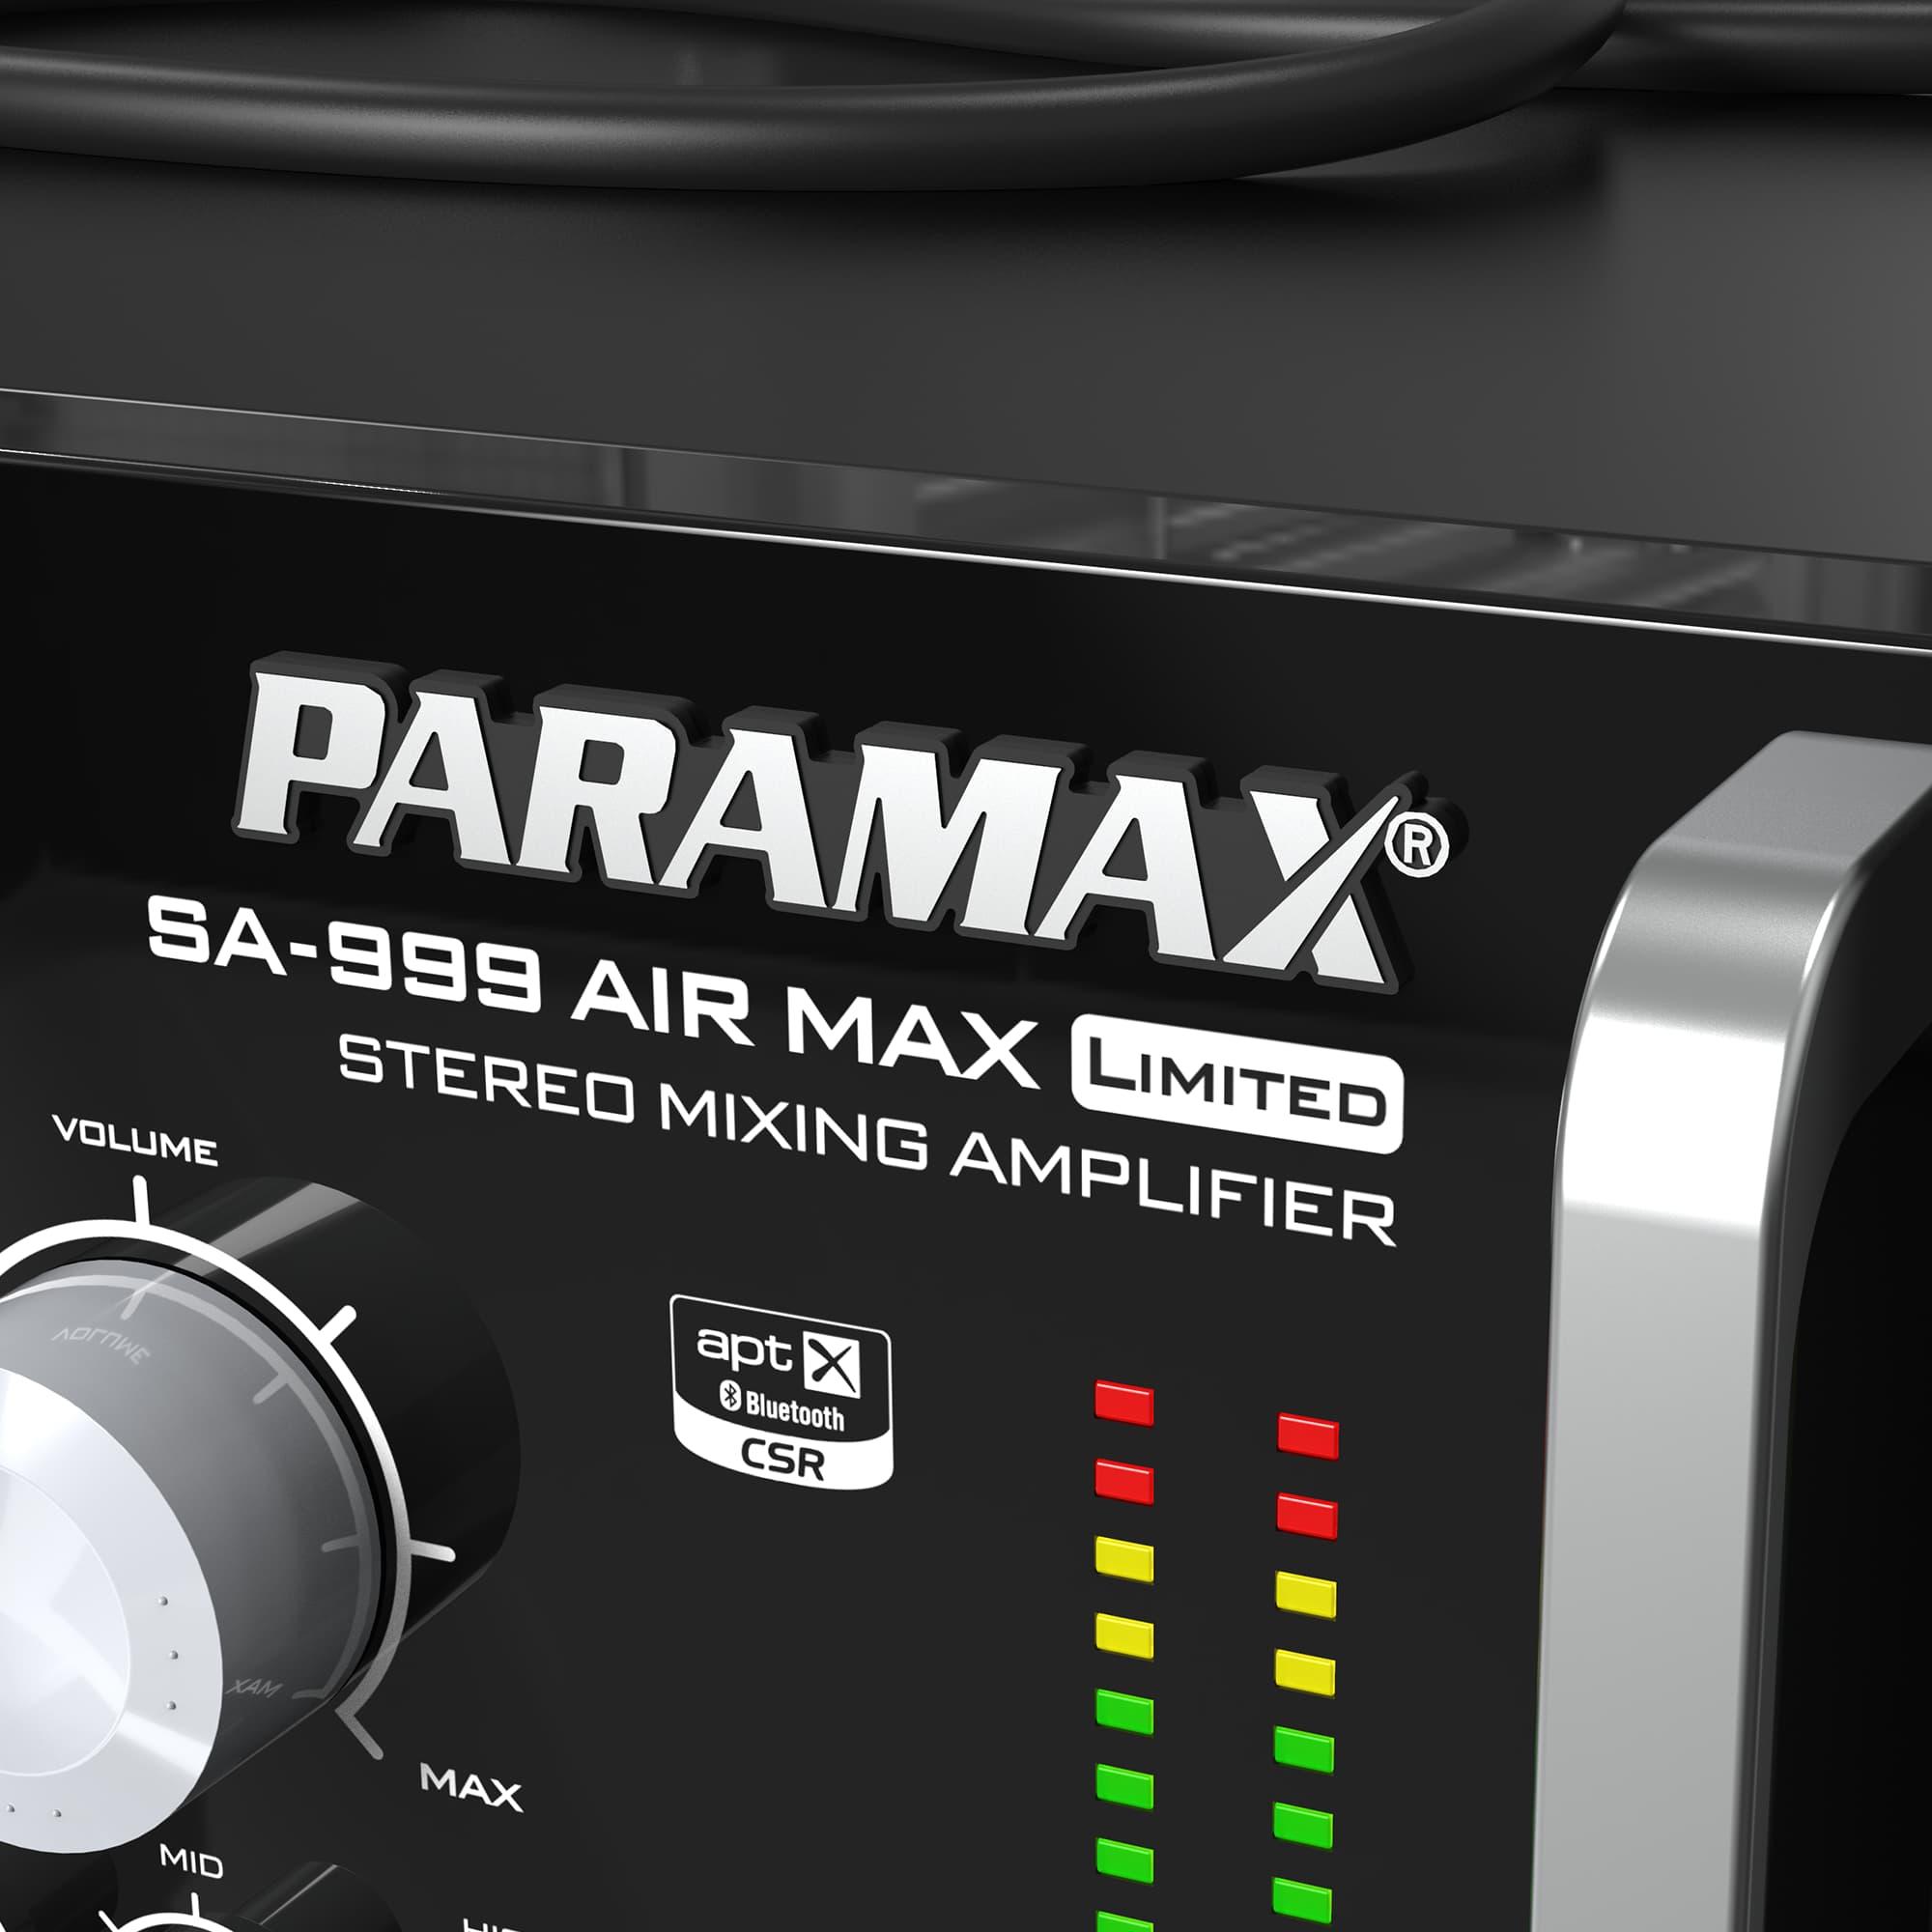 Amply Paramax SA-999 AIR MAX LIMITED